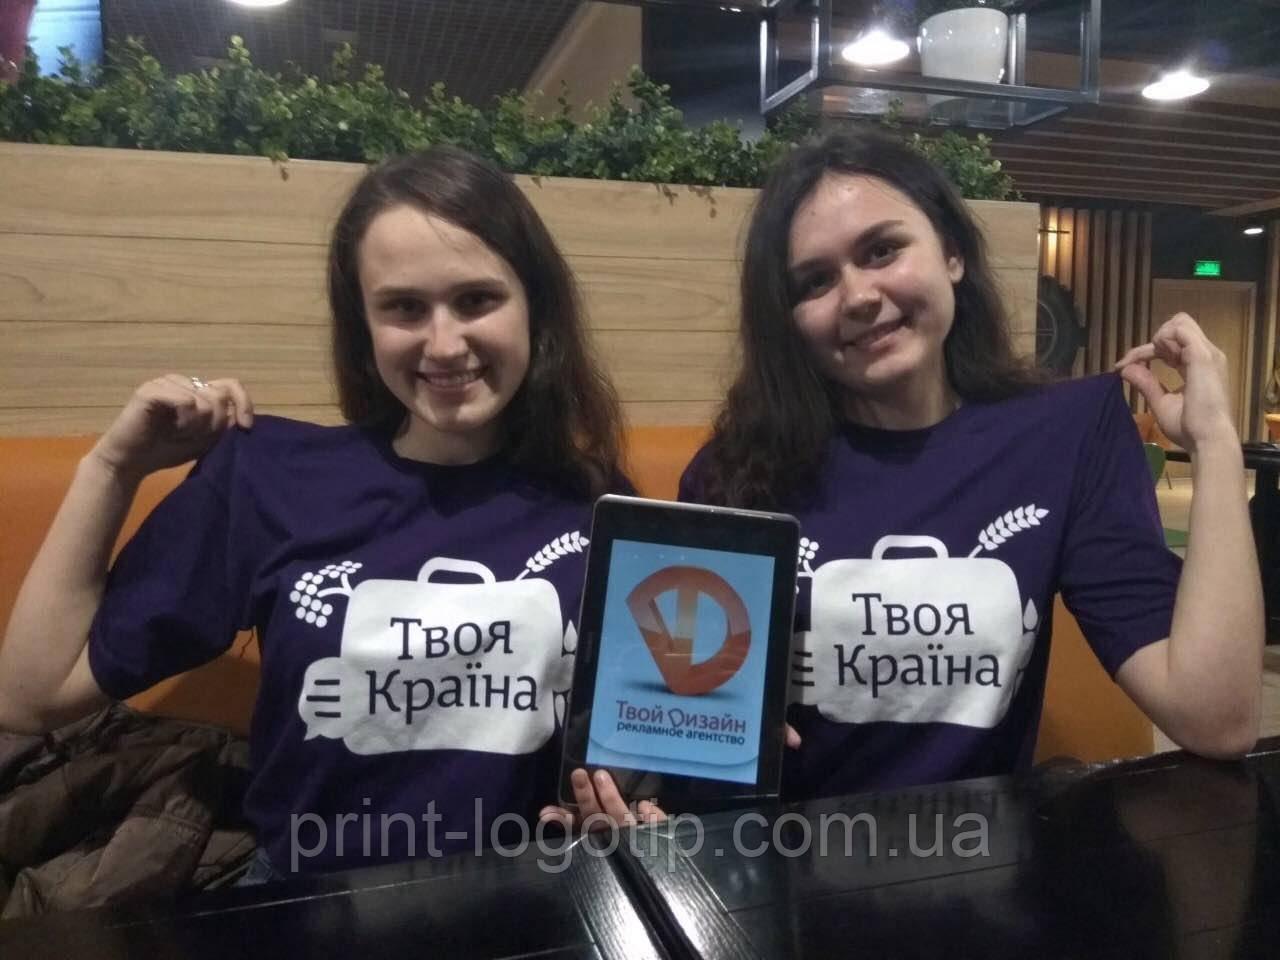 Футболки печать логотипа в Киев